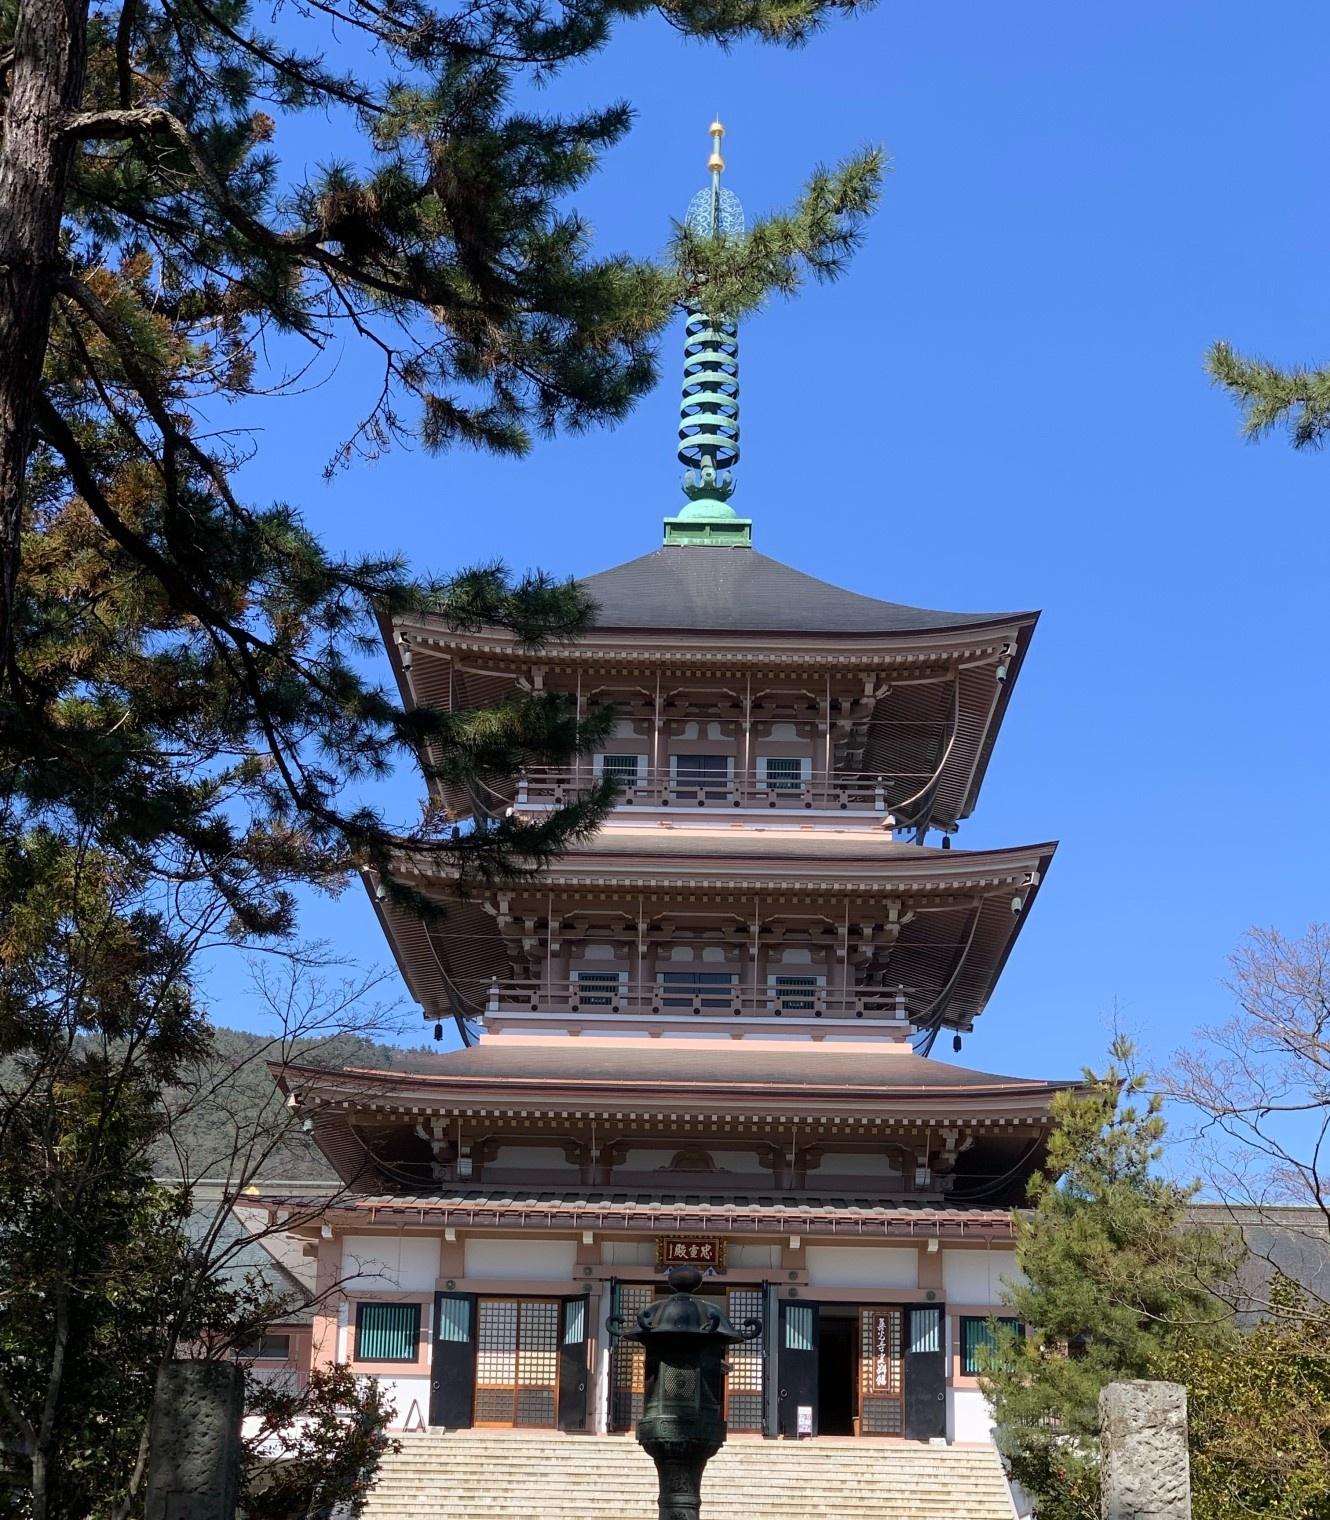 善光寺の日本忠霊殿・善光寺資料館